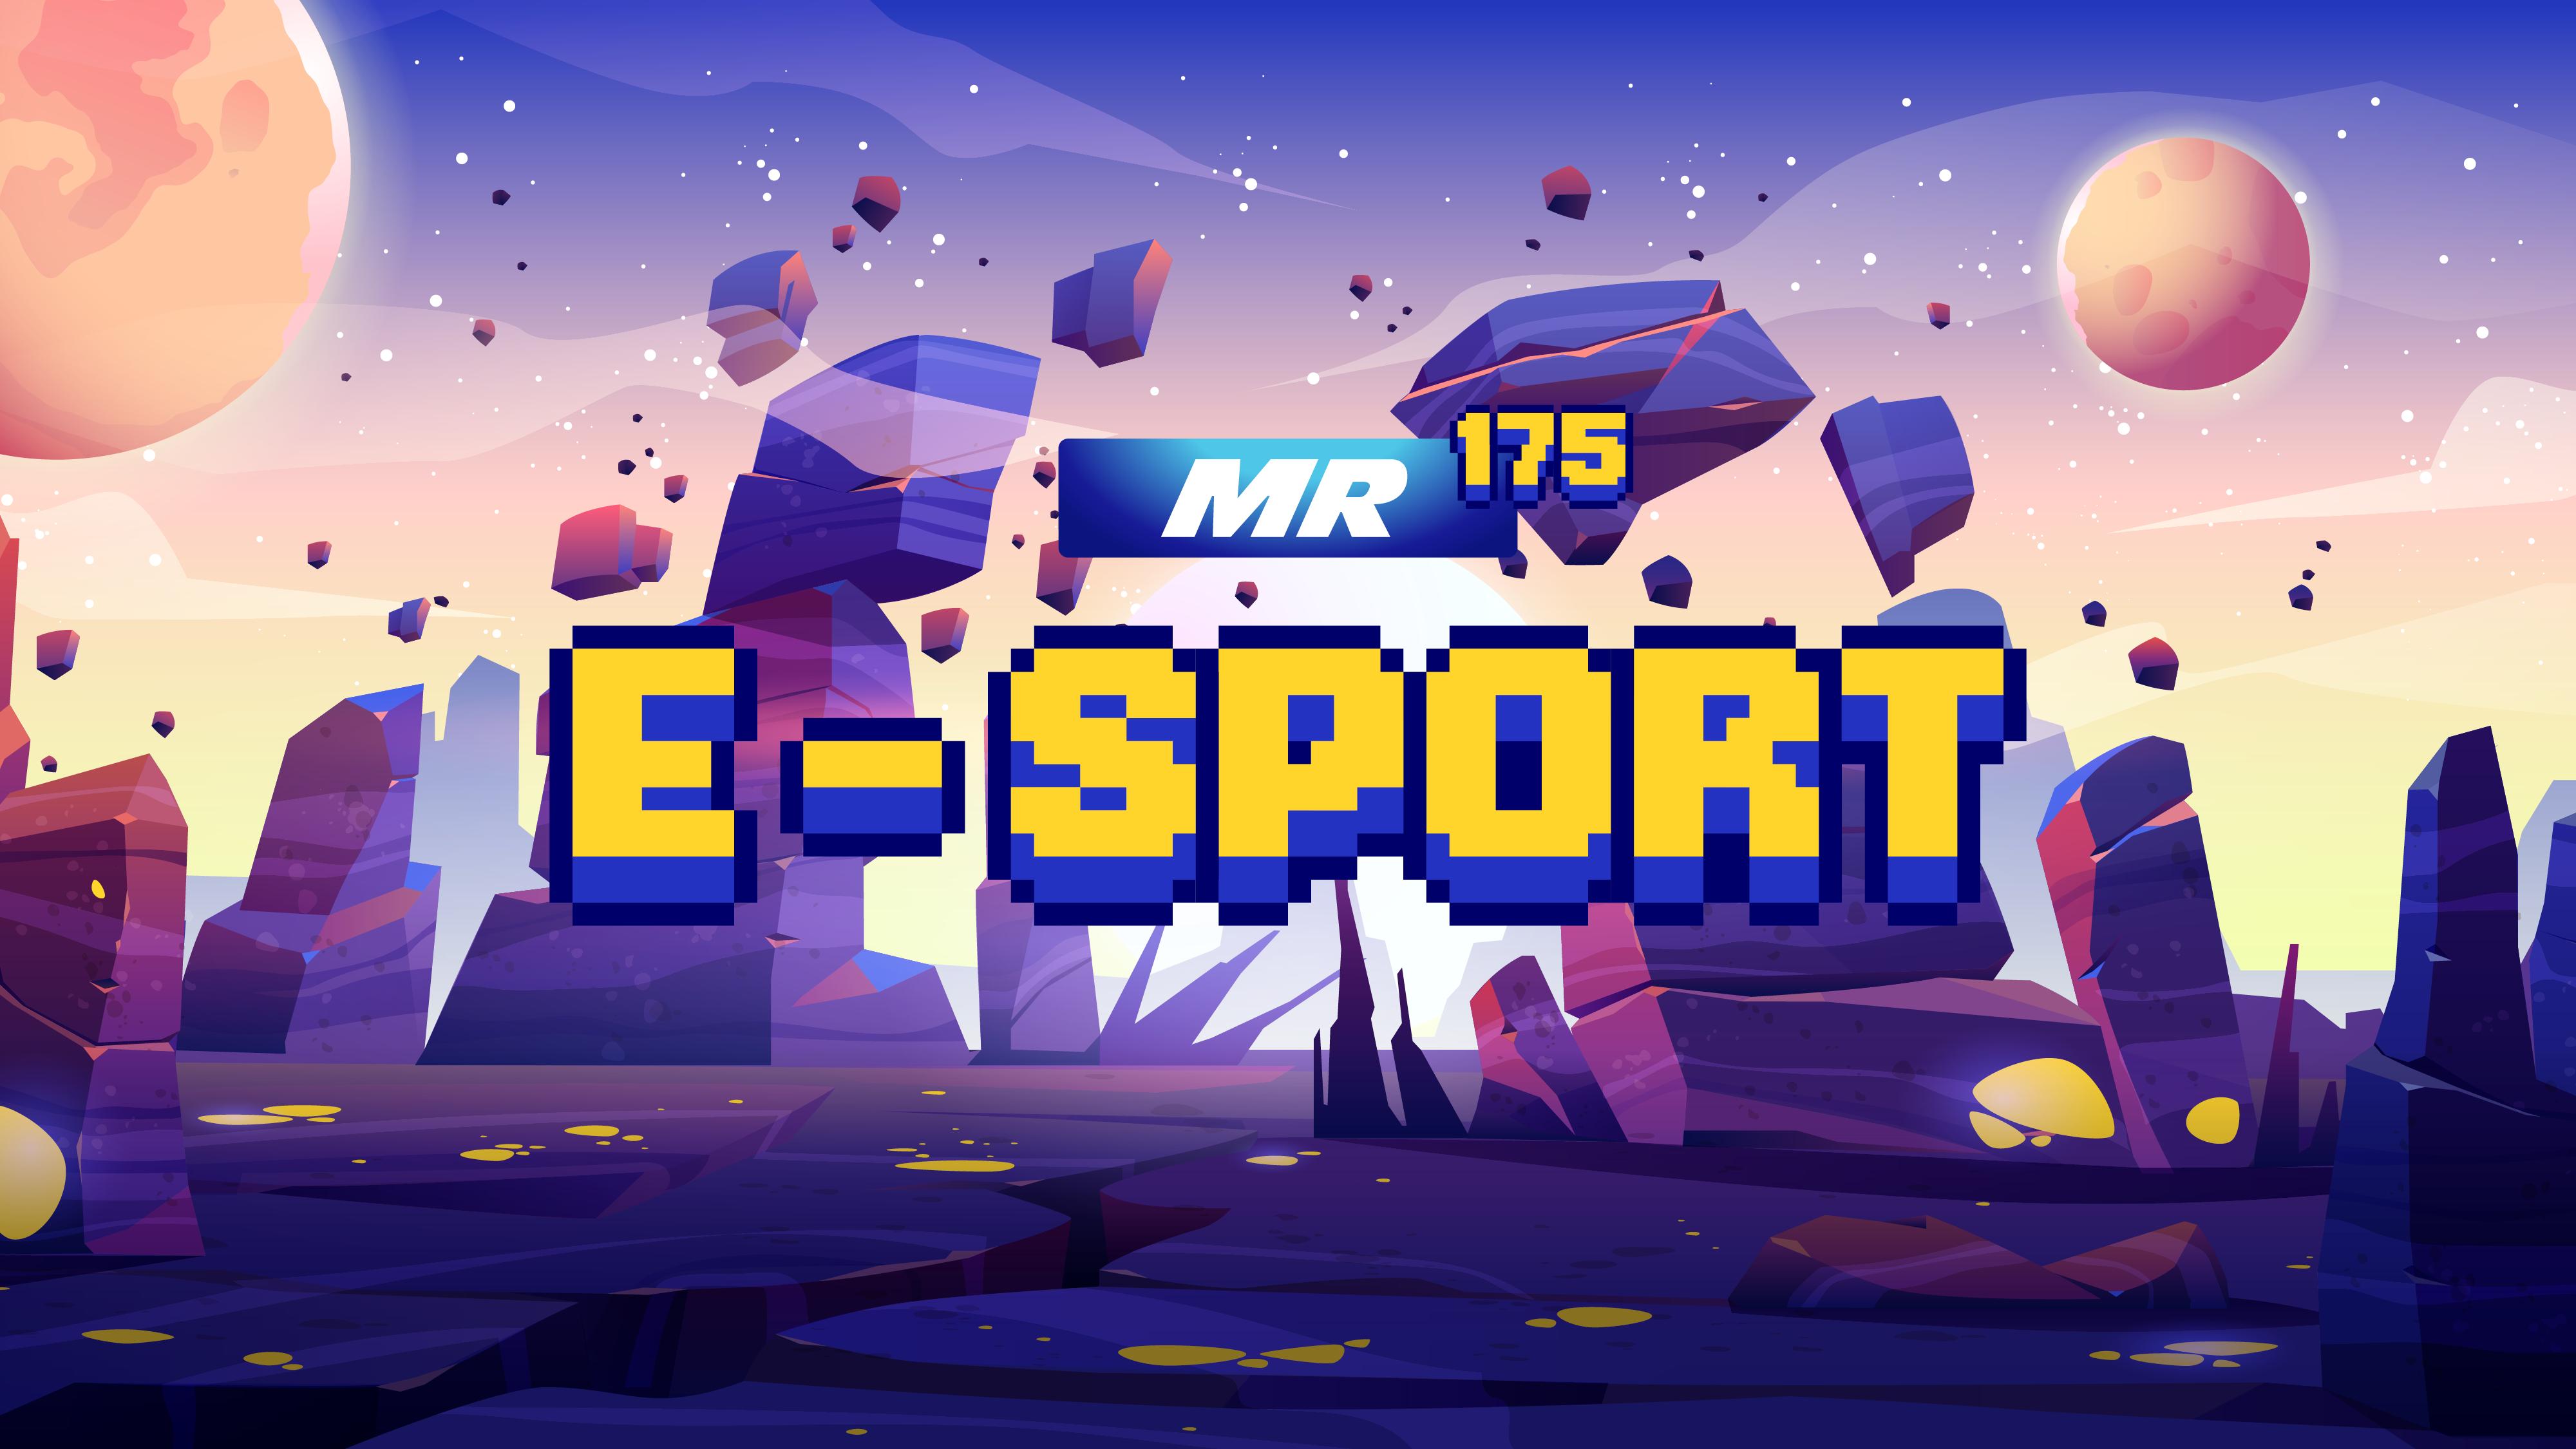 Le MR soutient l'esport à travers deux journées thématiques, un tournoi FIFA et une journée de débats et de rencontres.